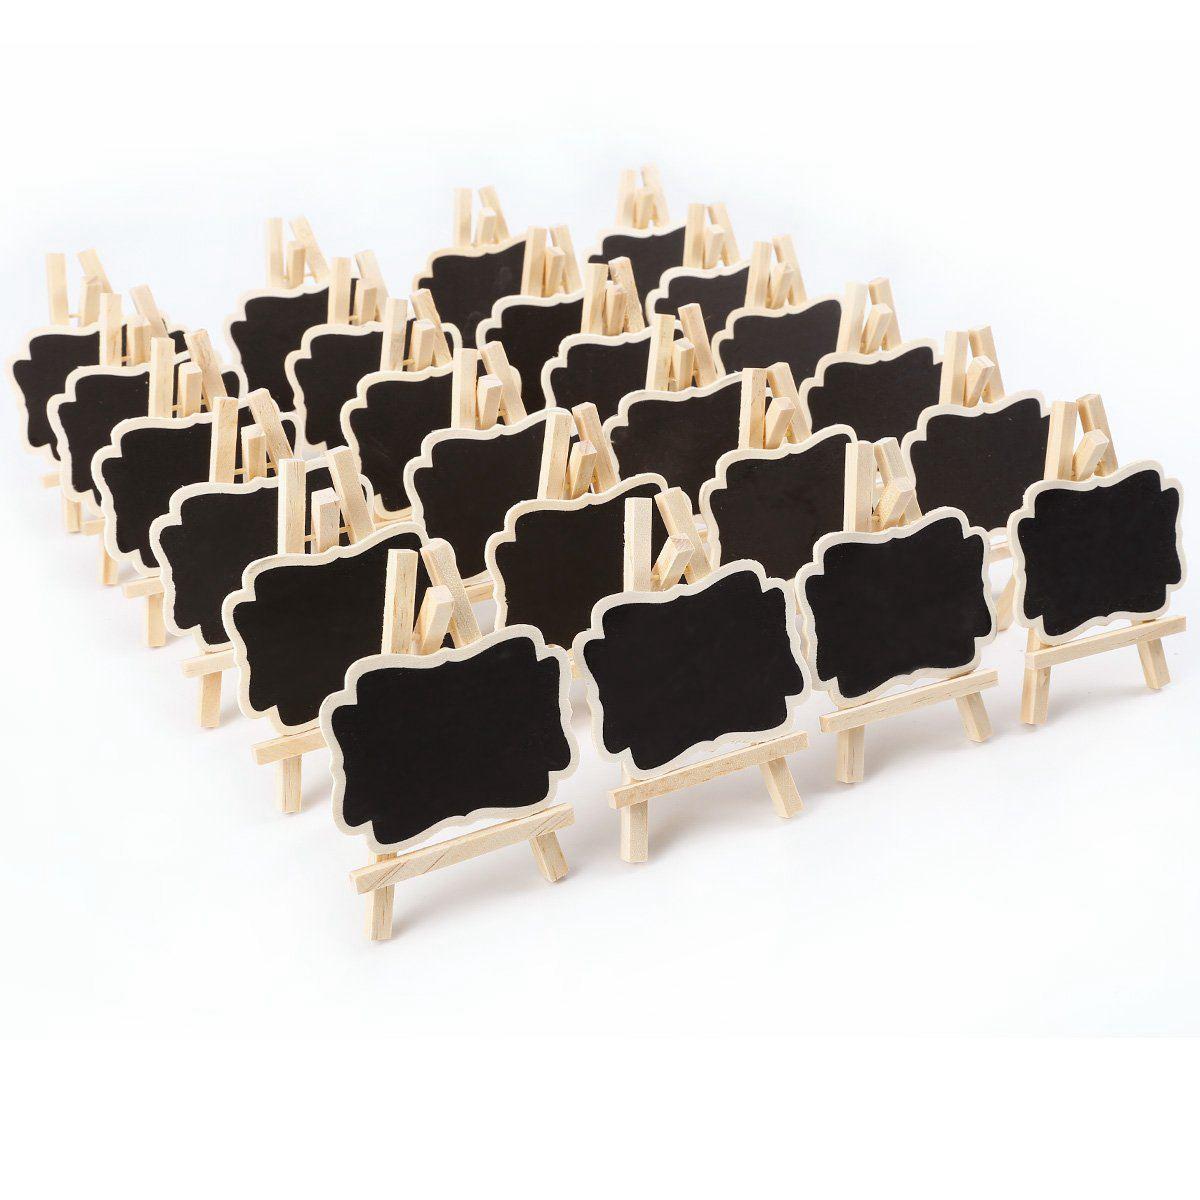 24 pcs Mini En Bois Blackboard Message Rectangulaire Ardoise Conseil Cartes mémo étiquette Signes Prix Chiffres Table